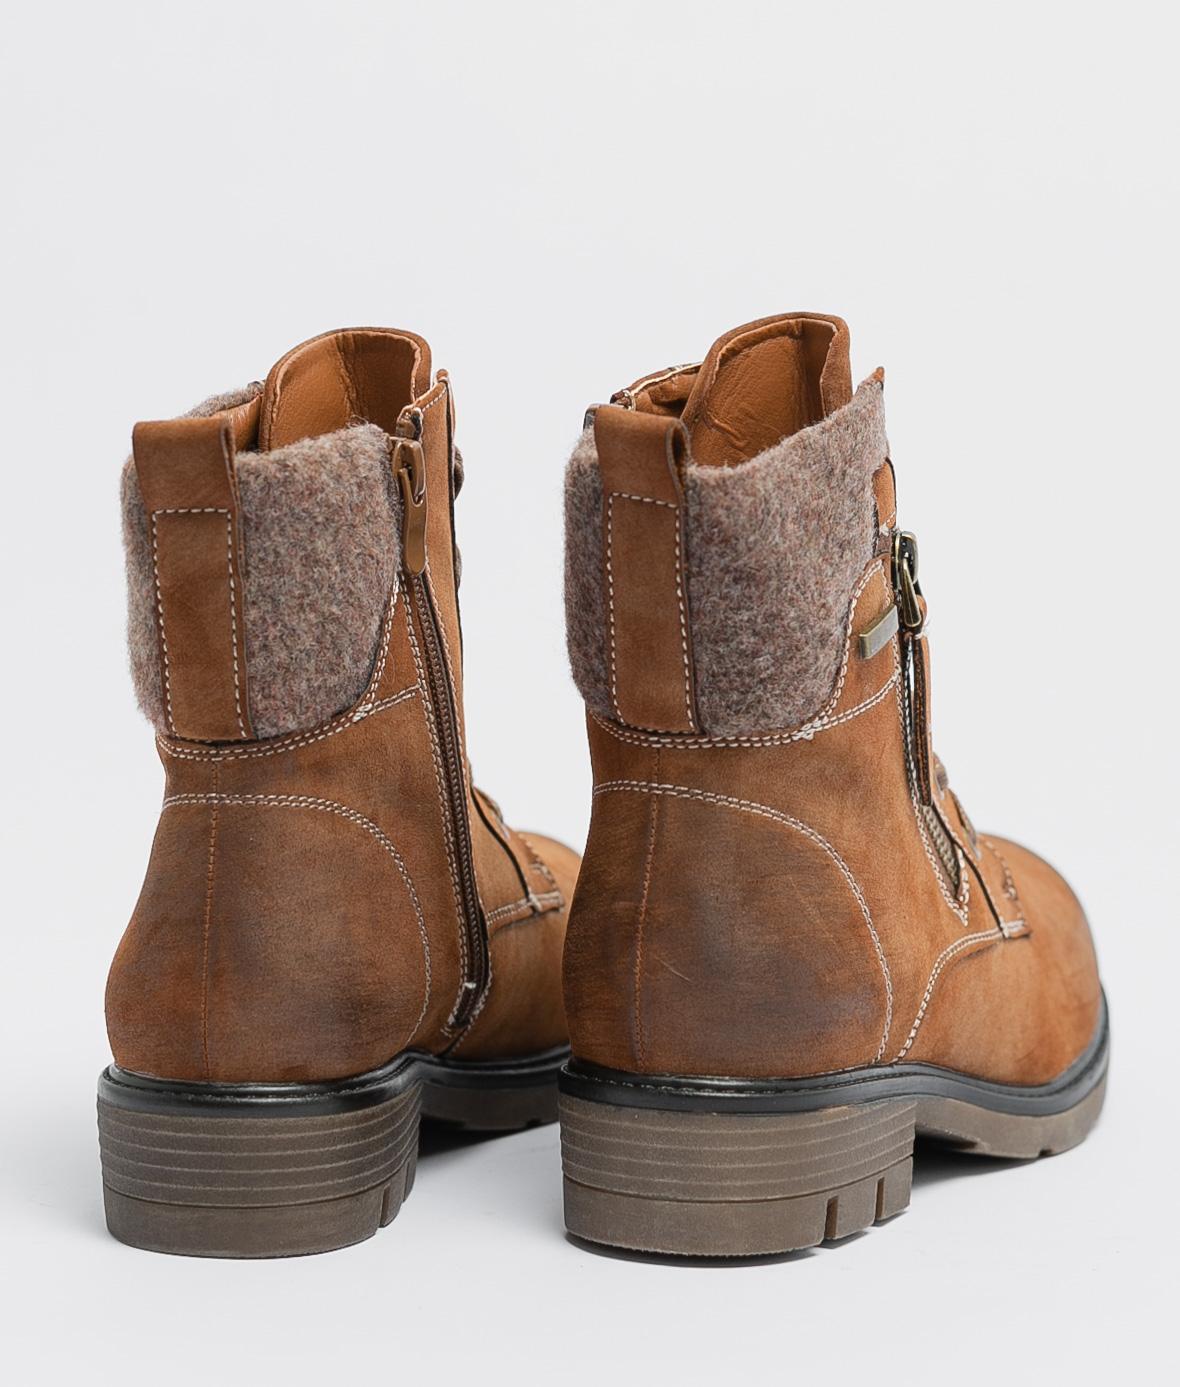 Low Boot Cartia - Camel